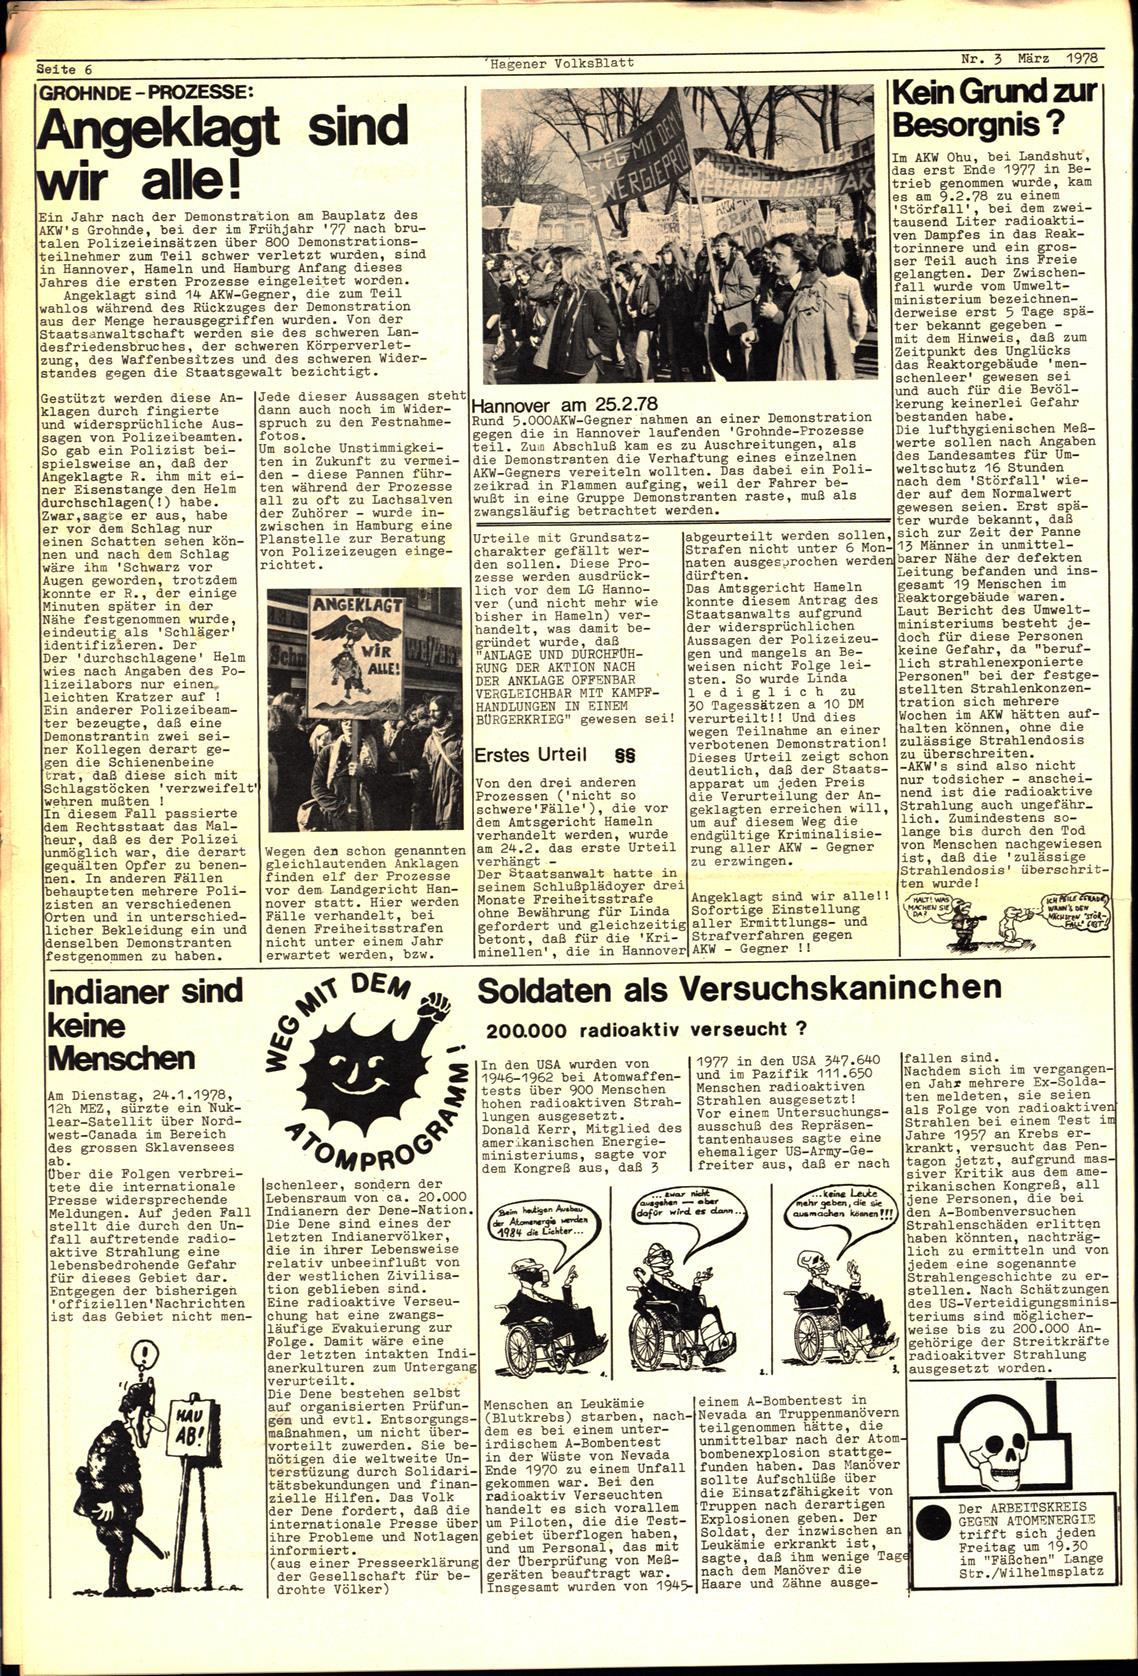 Hagen_Volksblatt_19780300_06